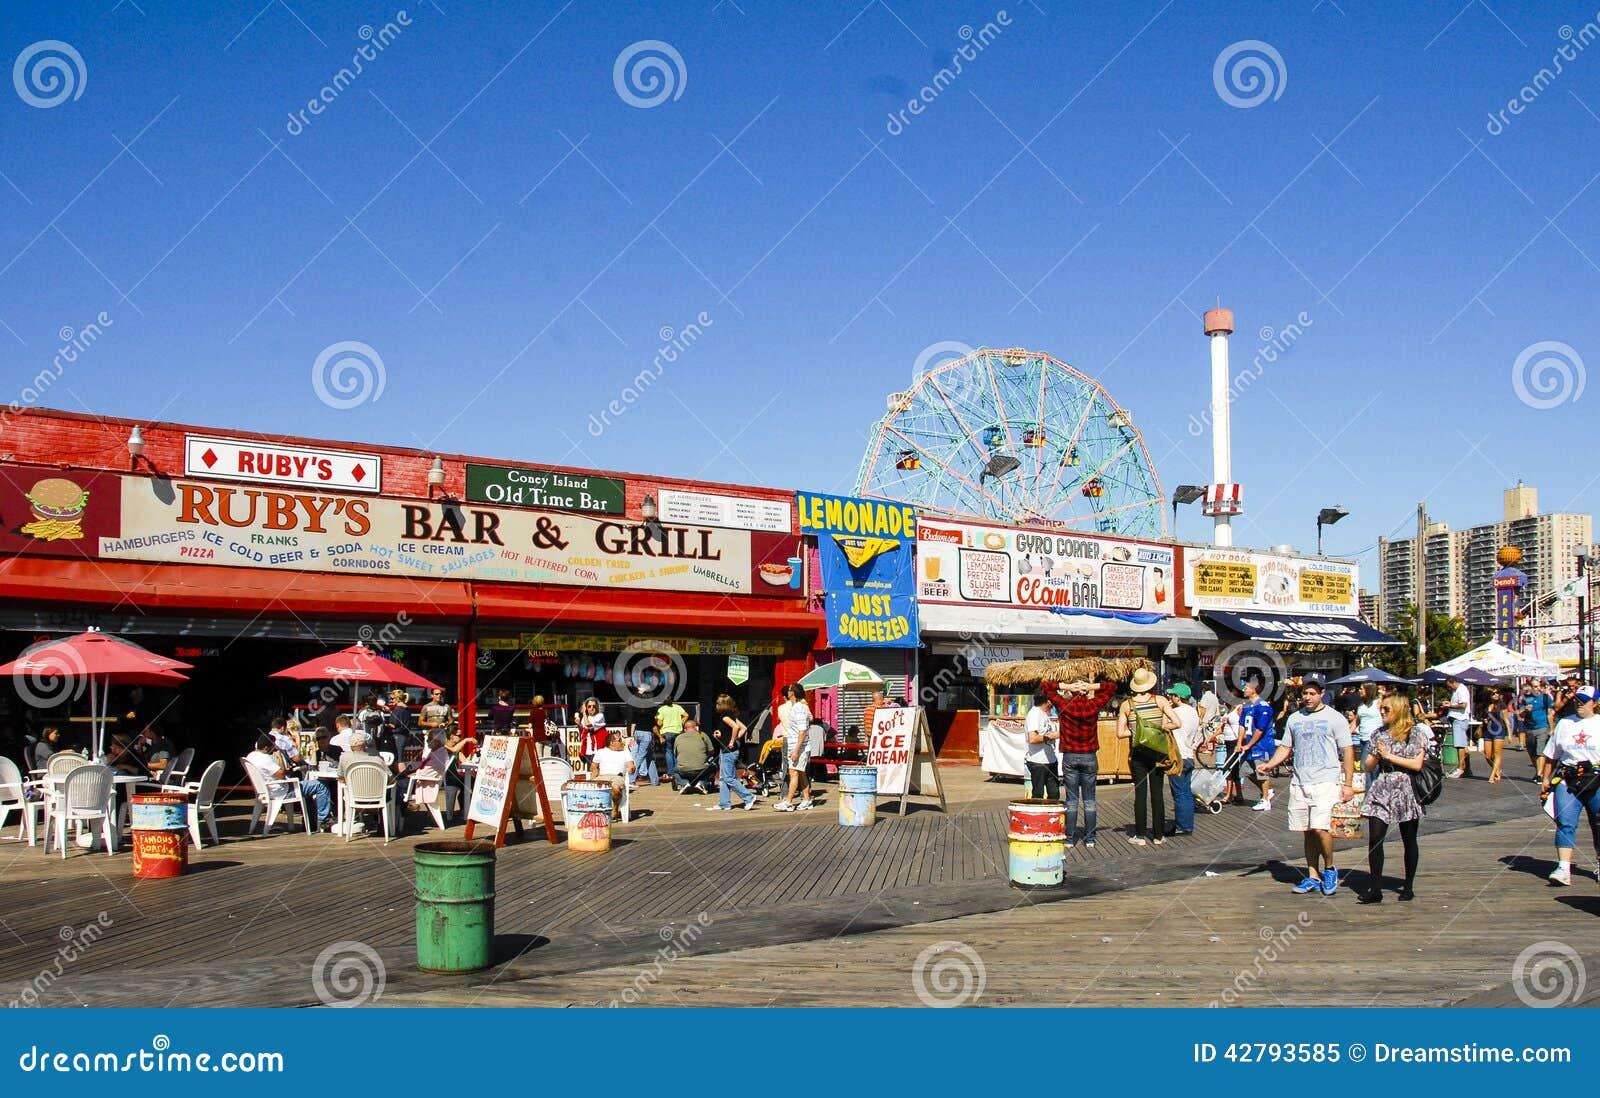 Coney Island-Promenade Brooklyn, NY